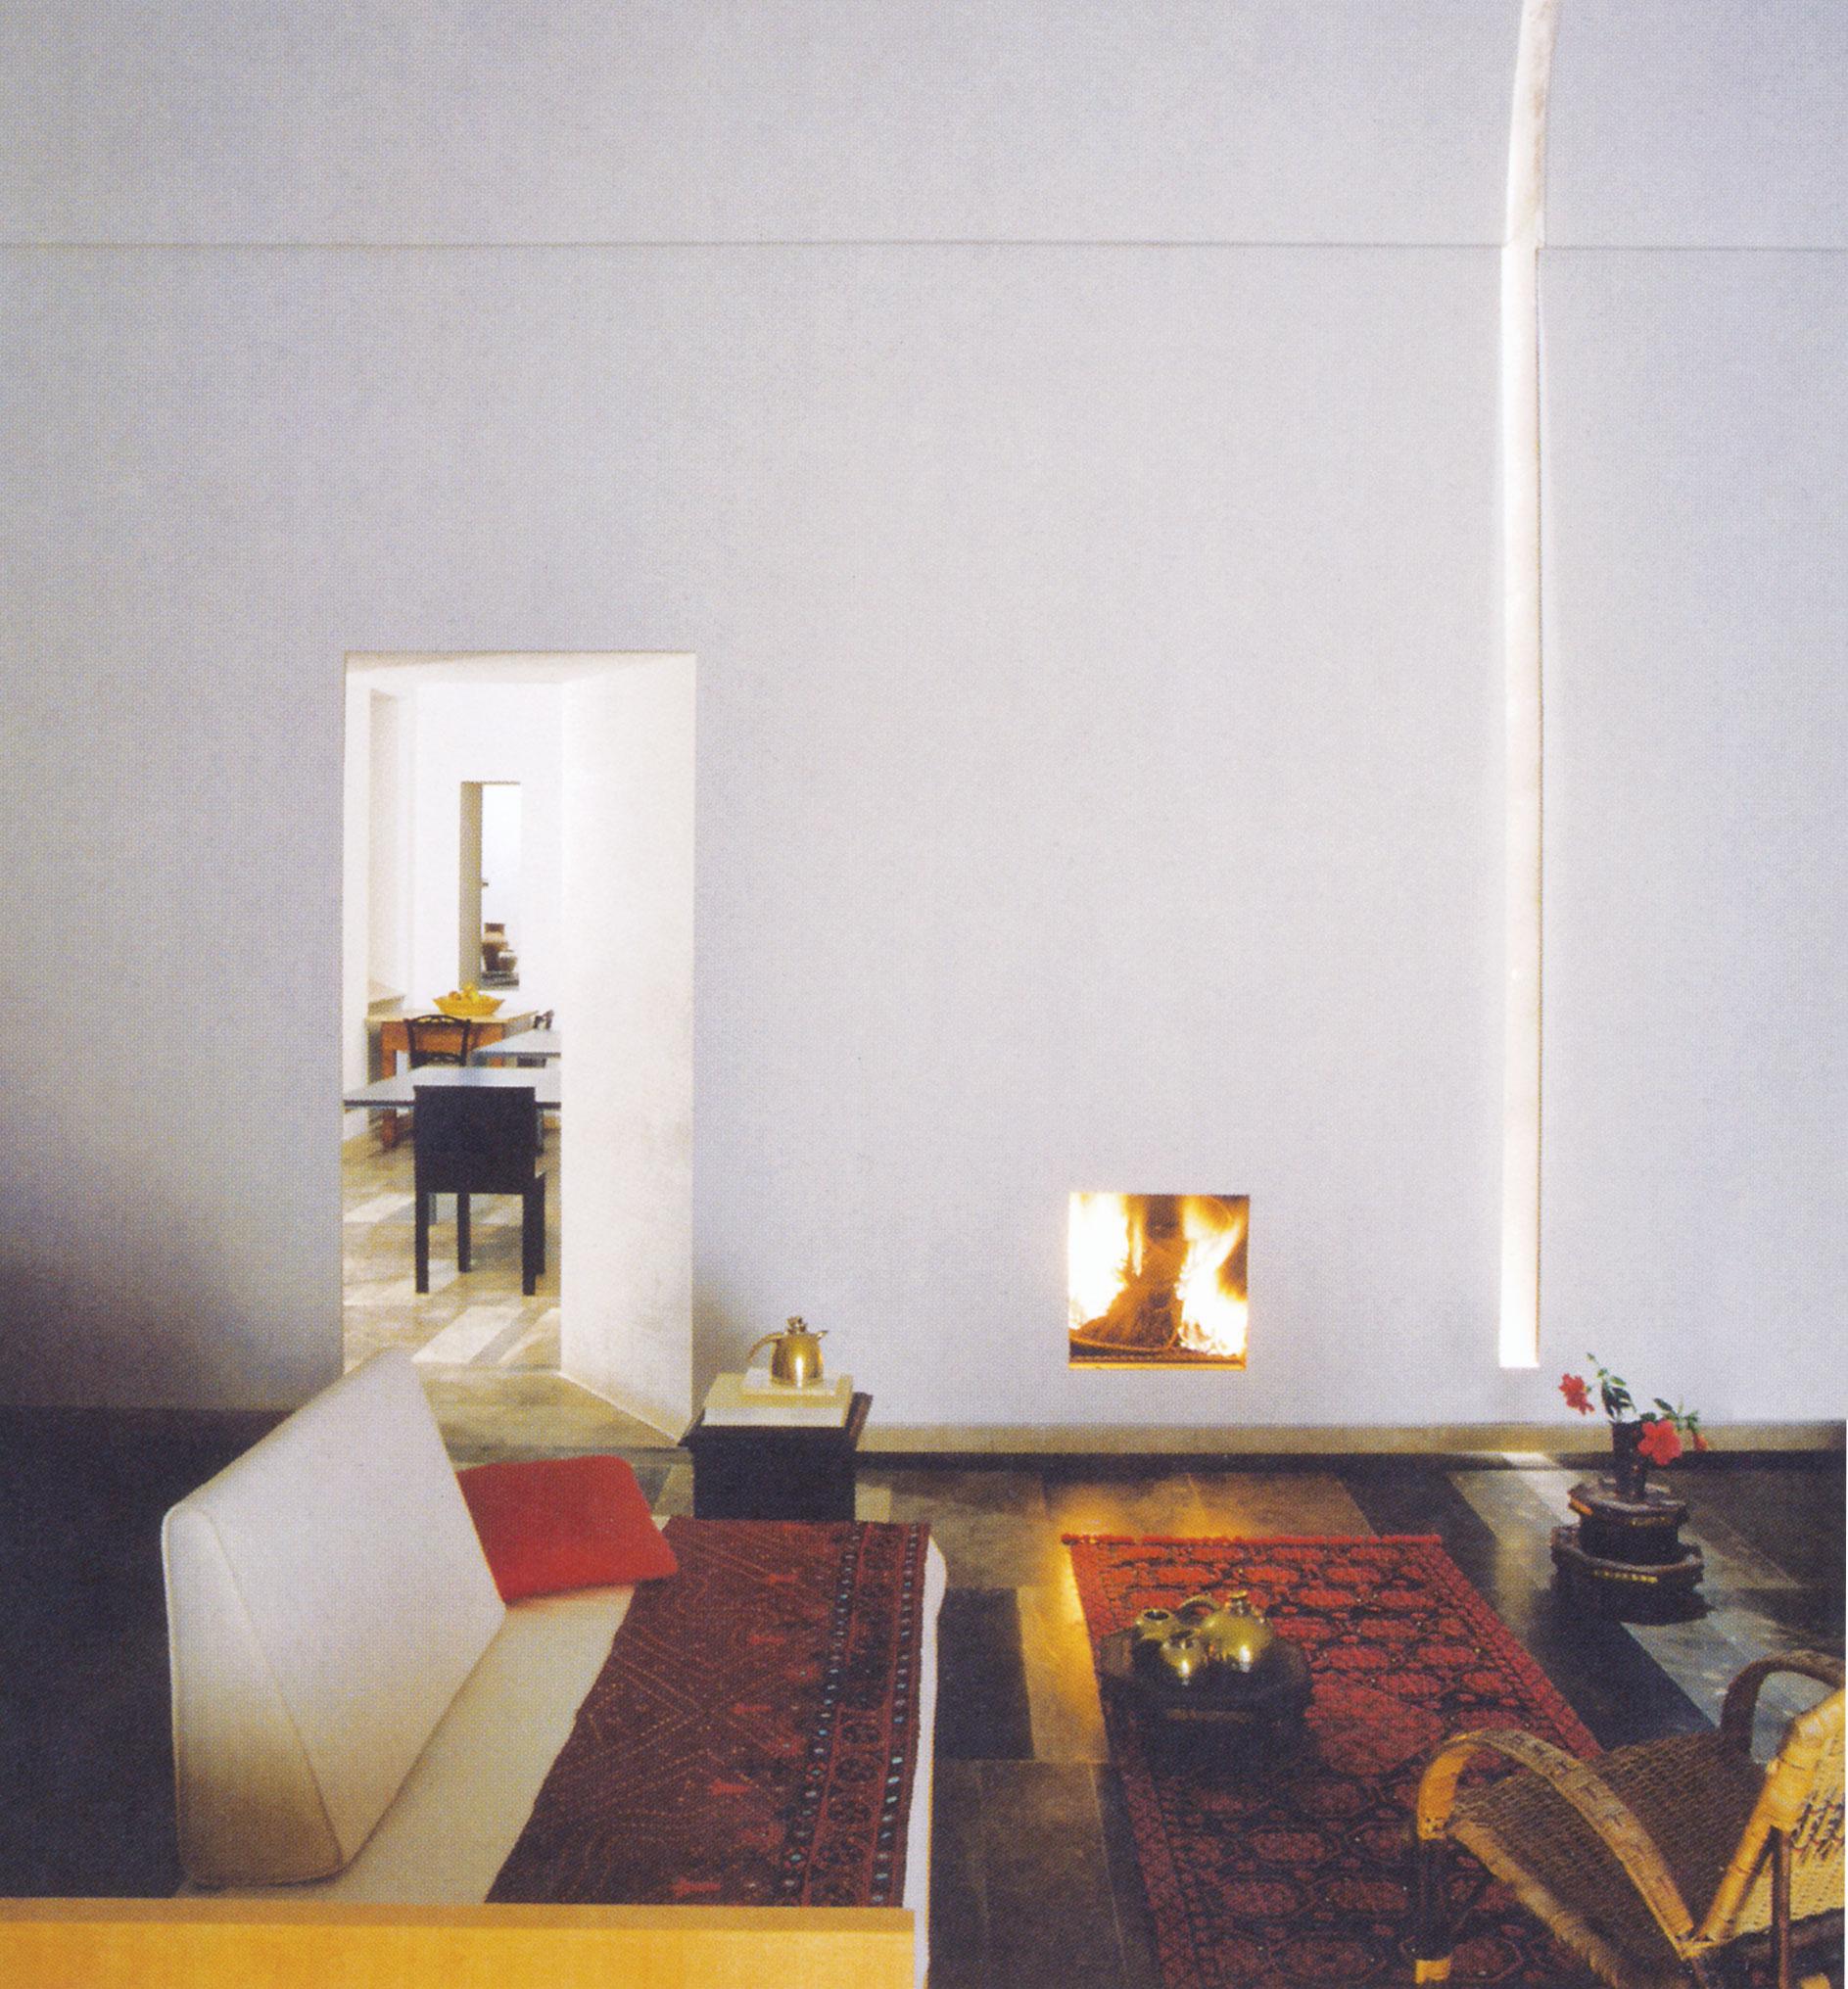 شرکت معماران لاتسارینی پیکِرینگ، ویلا سیپیونه؛ سیسیل، ایتالیا، 1995